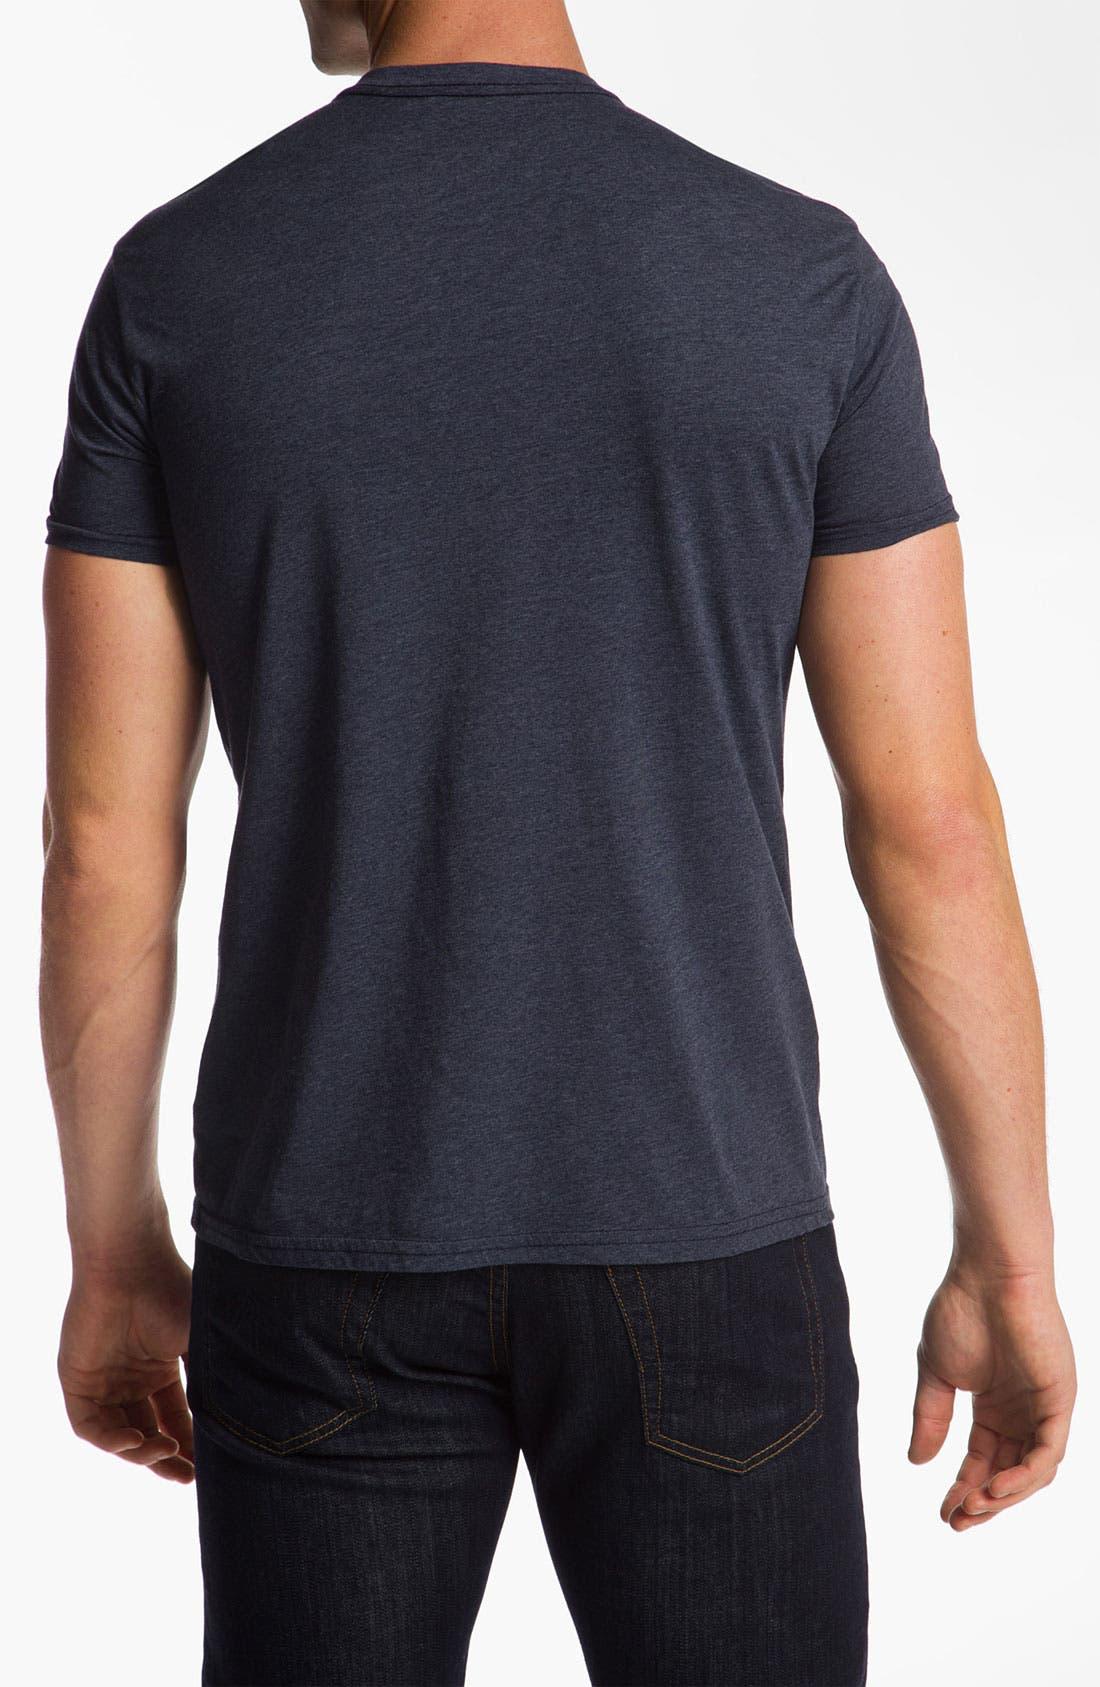 Alternate Image 2  - The Original Retro Brand 'Brigham Young' T-Shirt